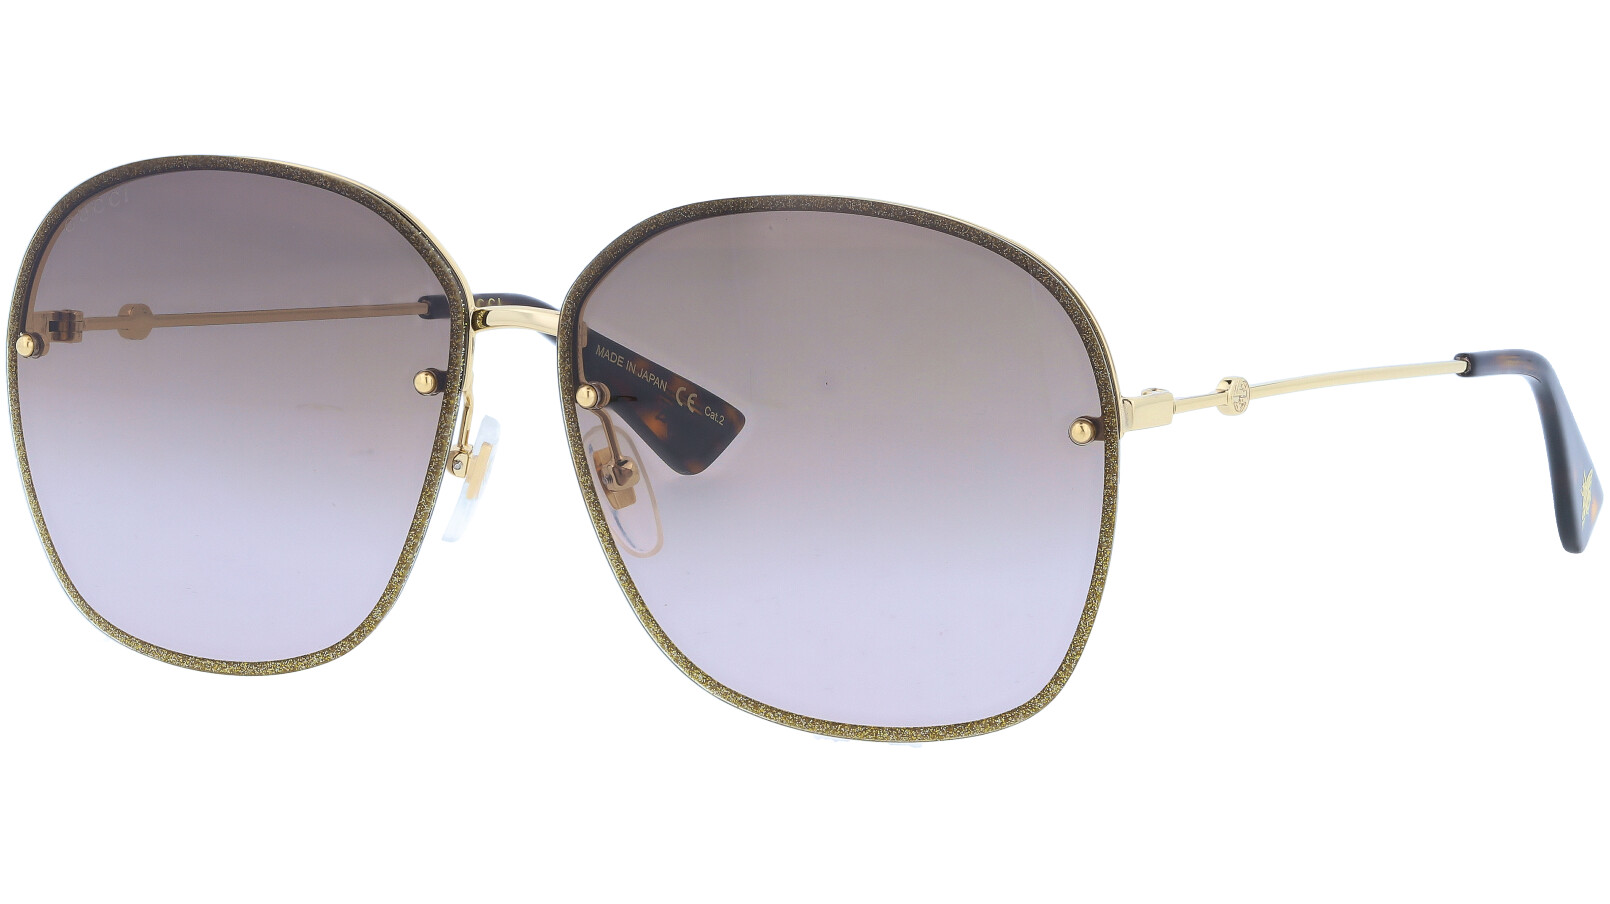 GUCCI GG0228S 002 63 GOLD Sunglasses